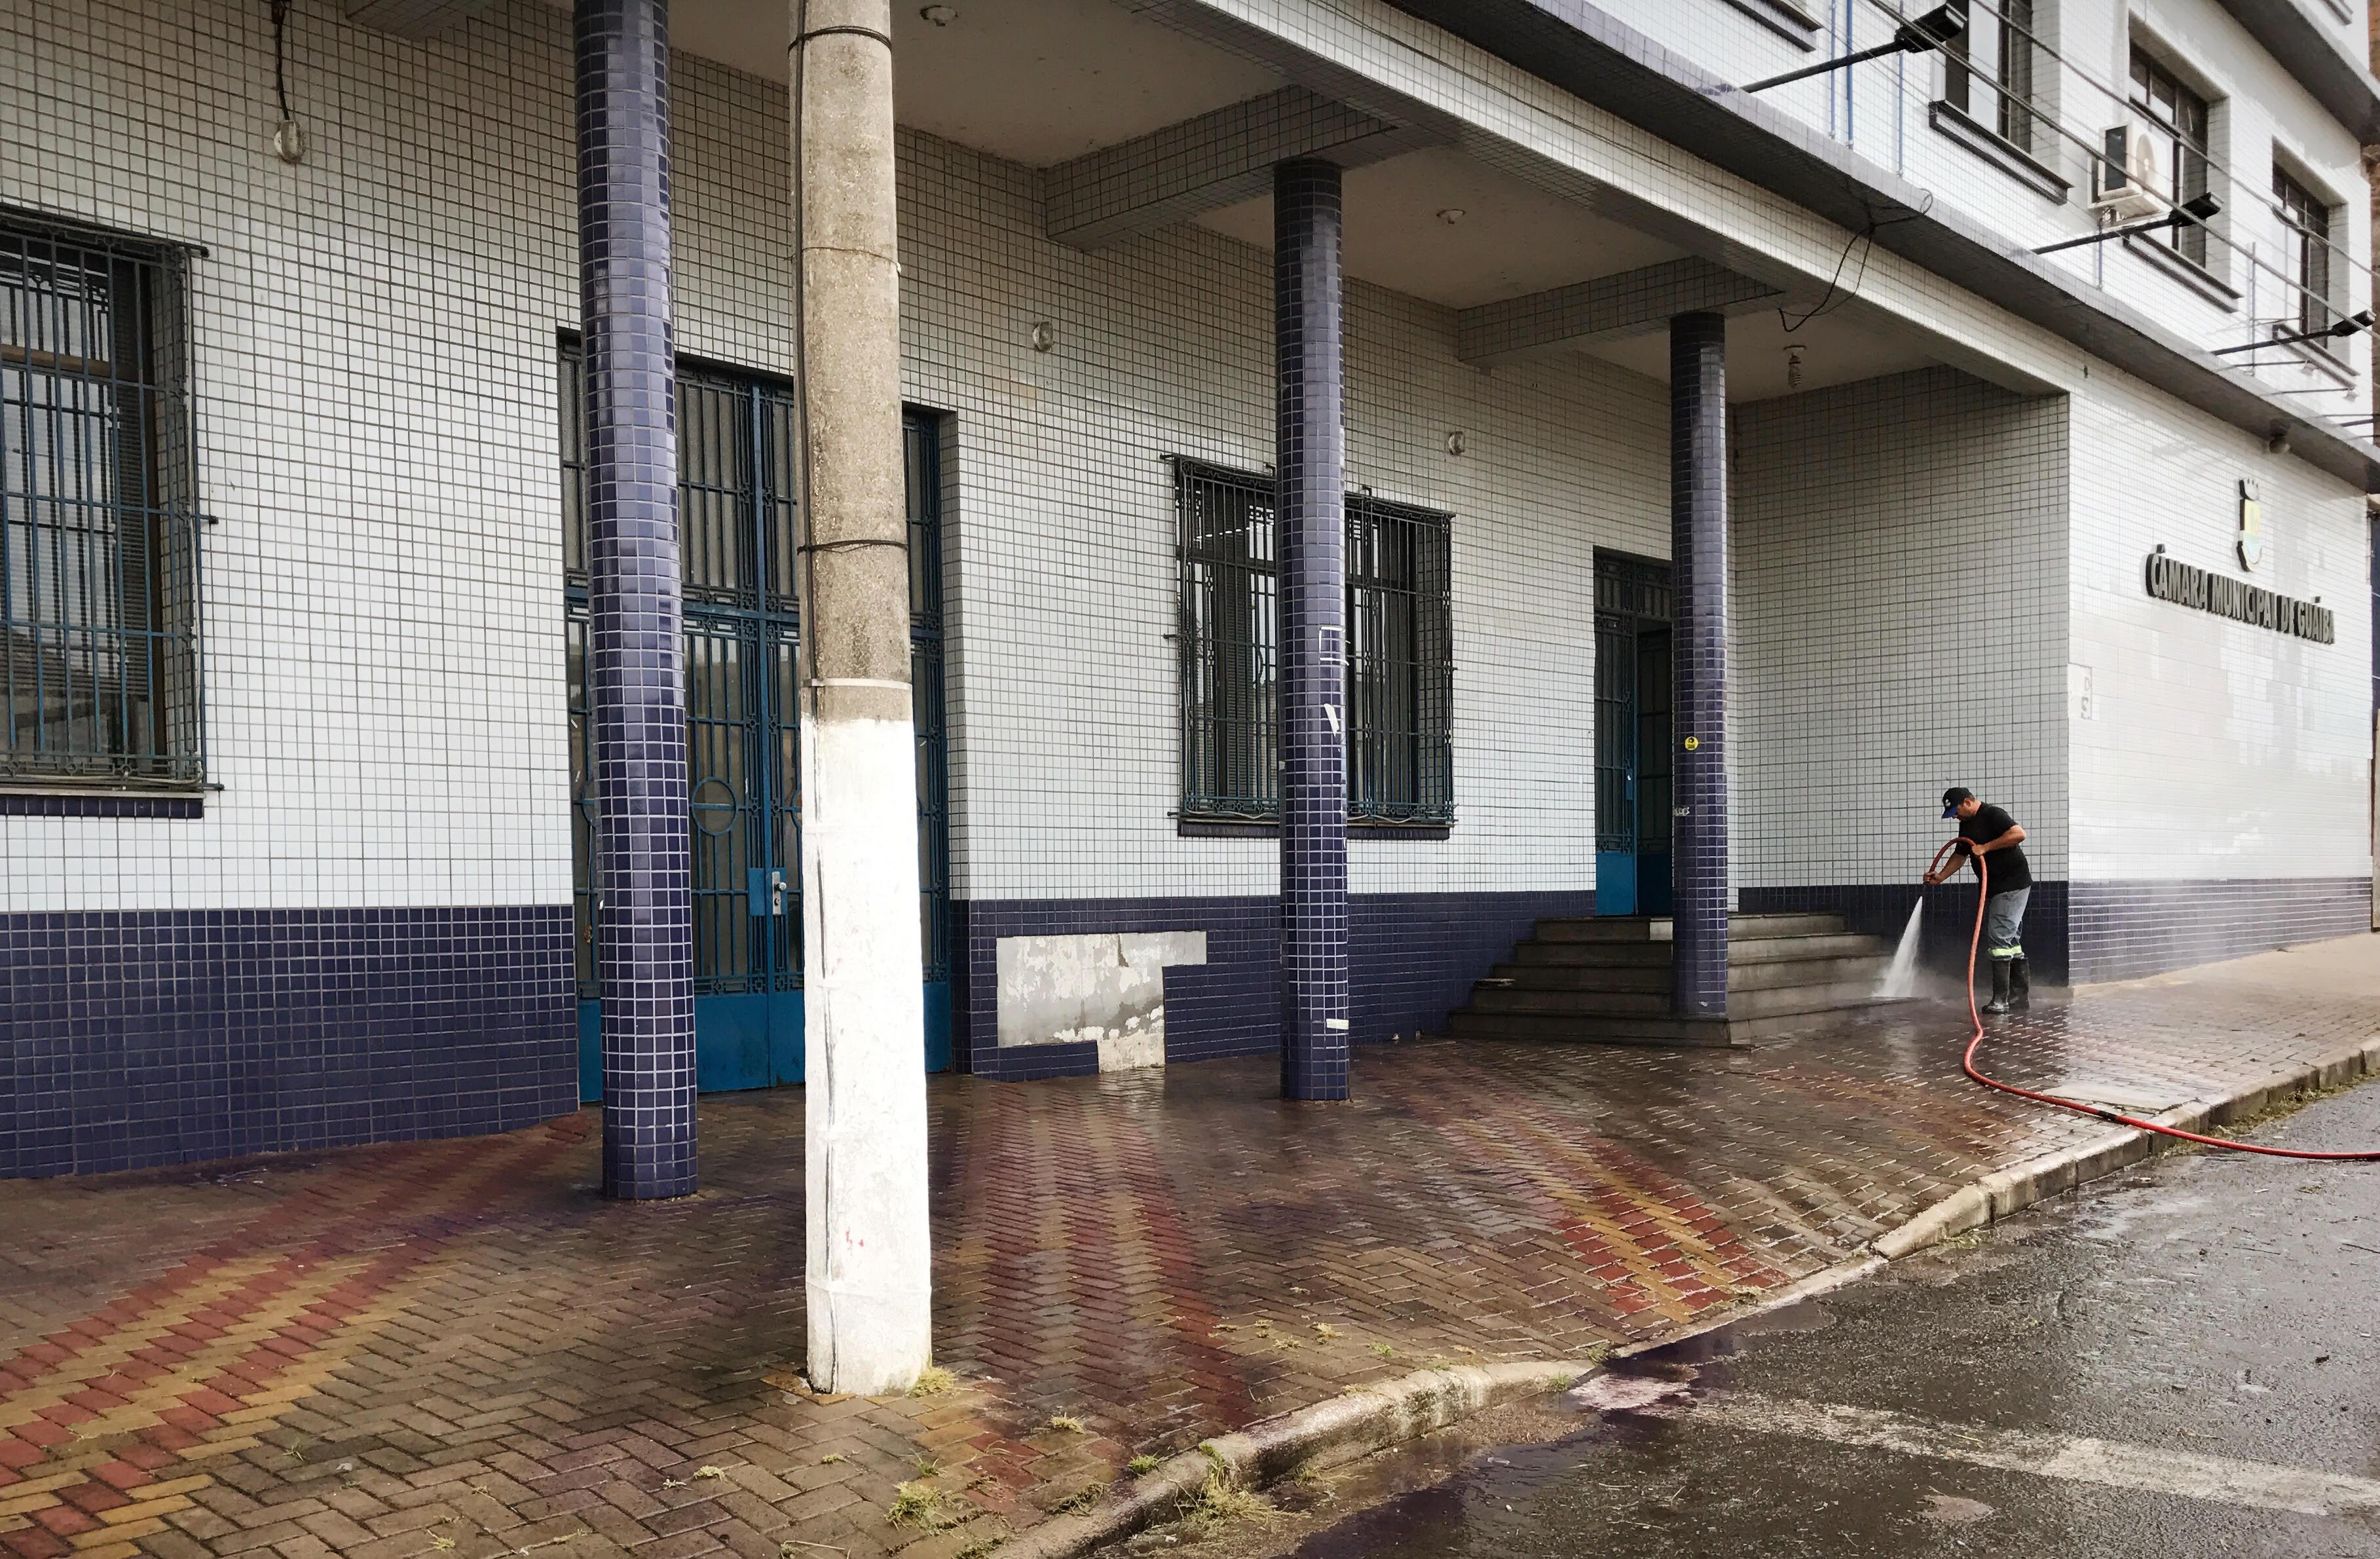 Iniciam os preparativos para instalação das grades de proteção na entrada da Câmara de Vereadores